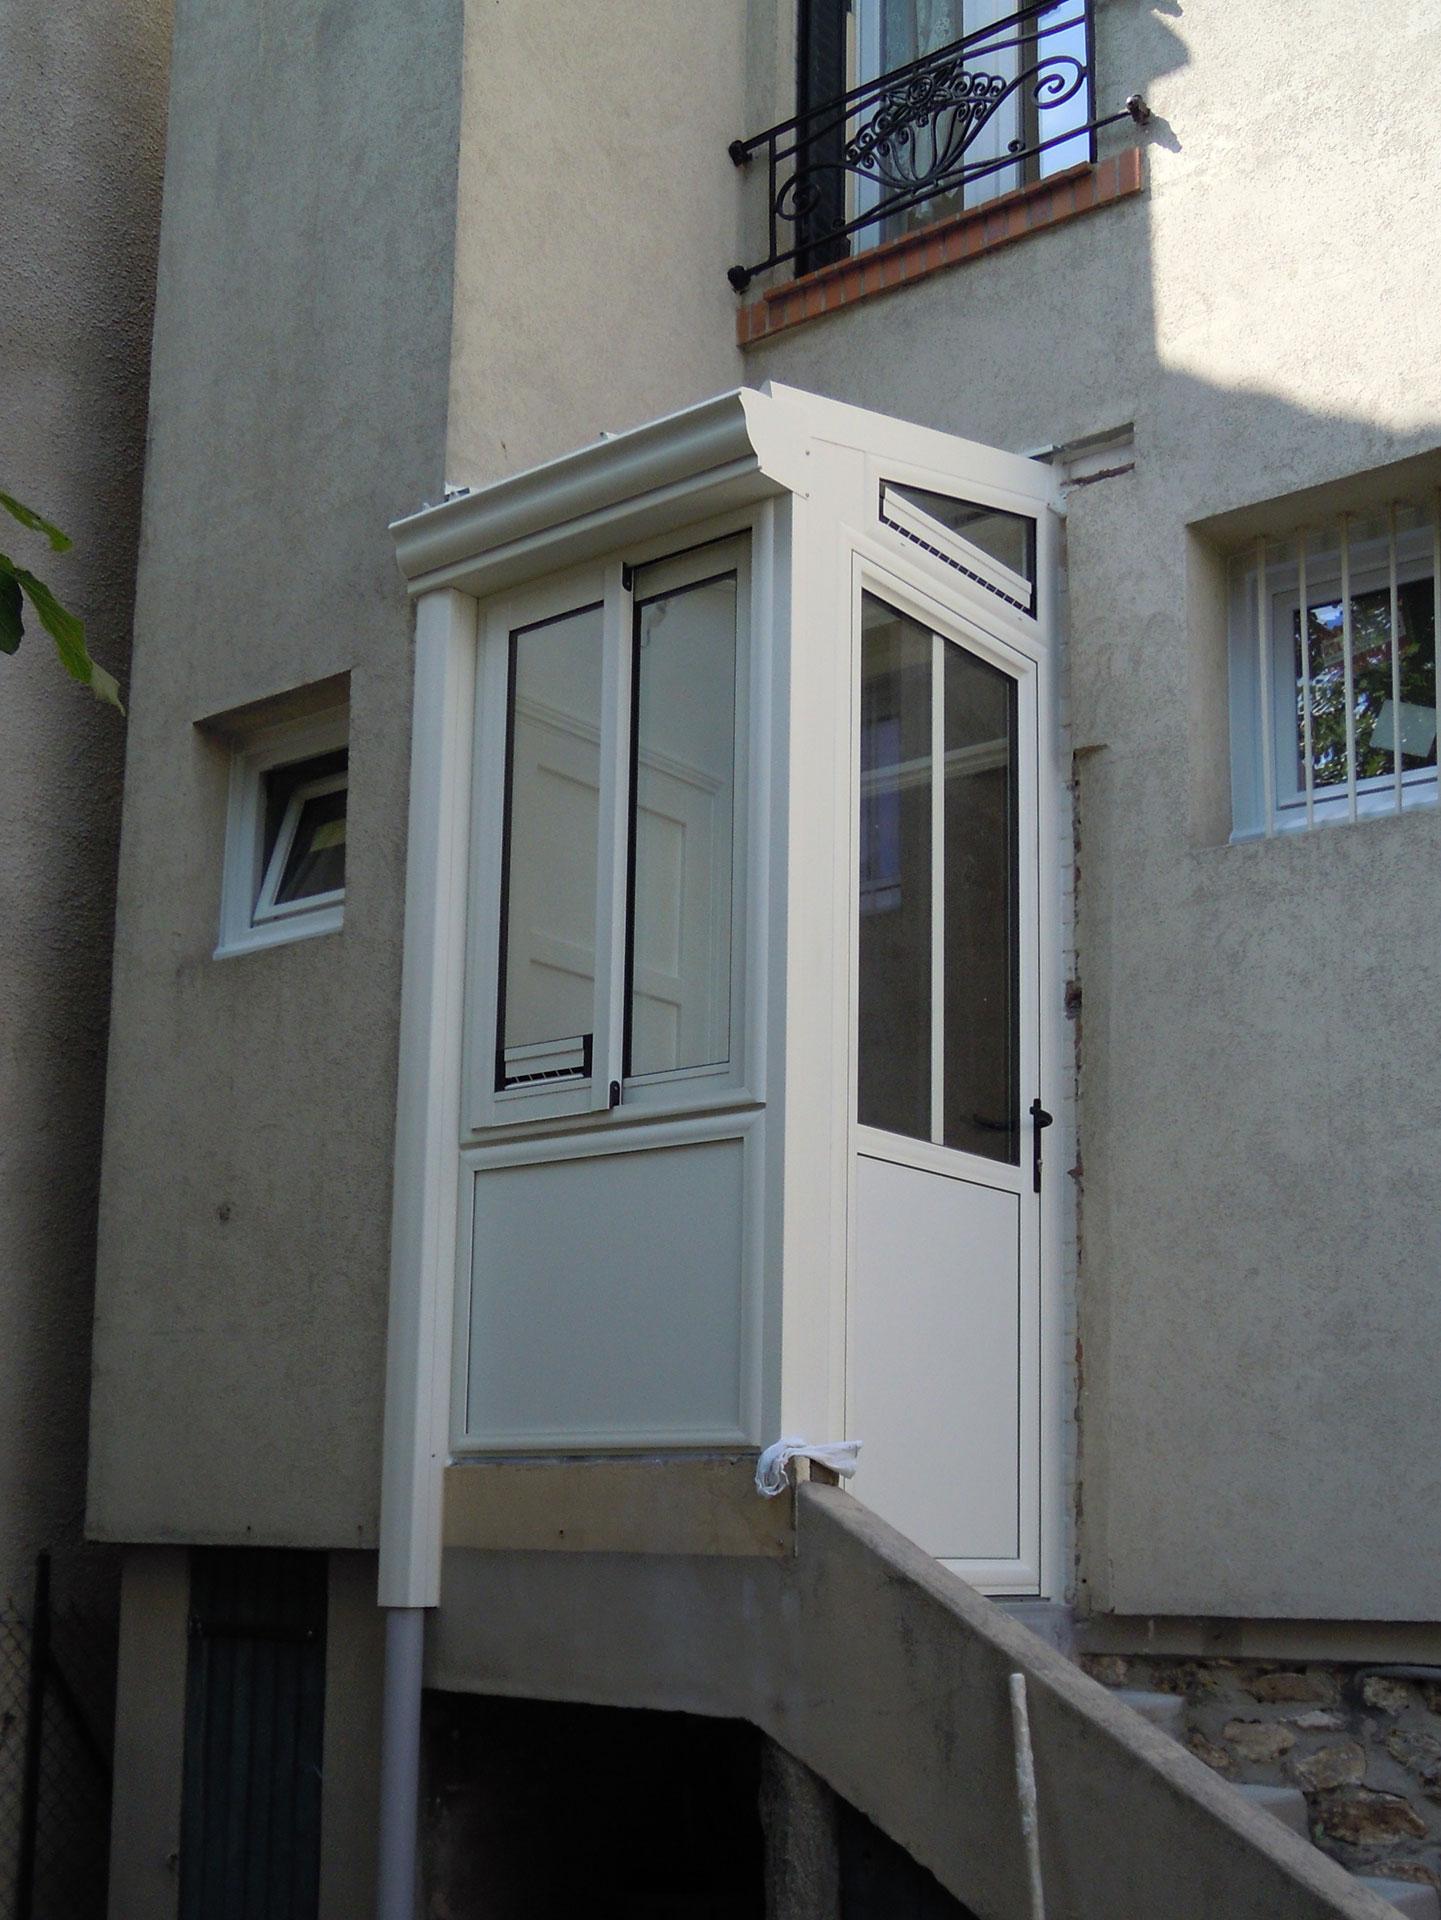 pavillon-lafrette-entree-exterieur-apres